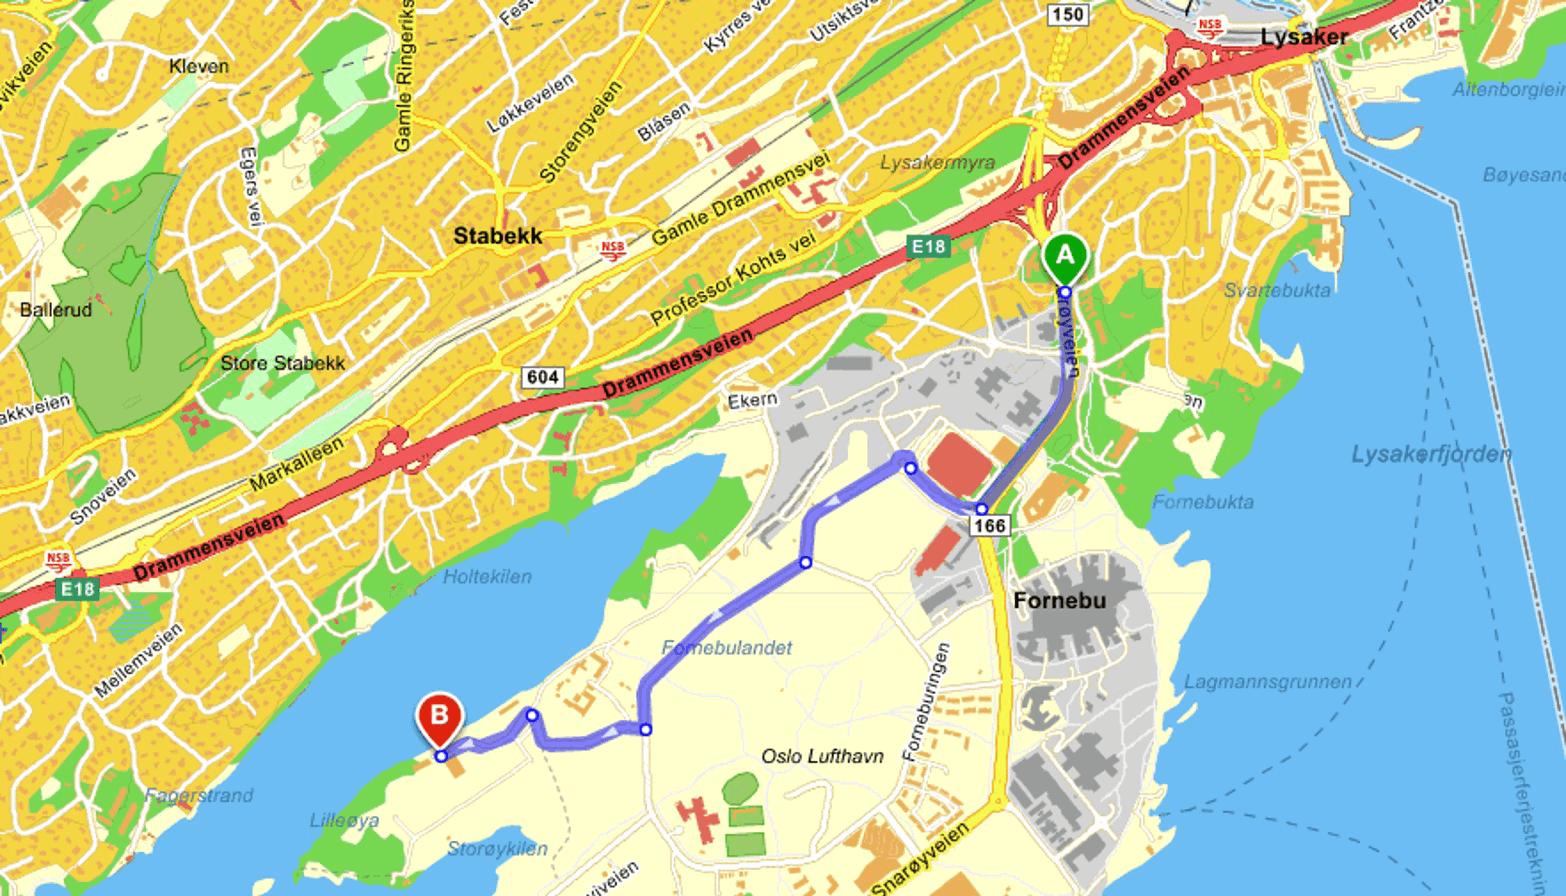 Kart over Oslo oppmerket